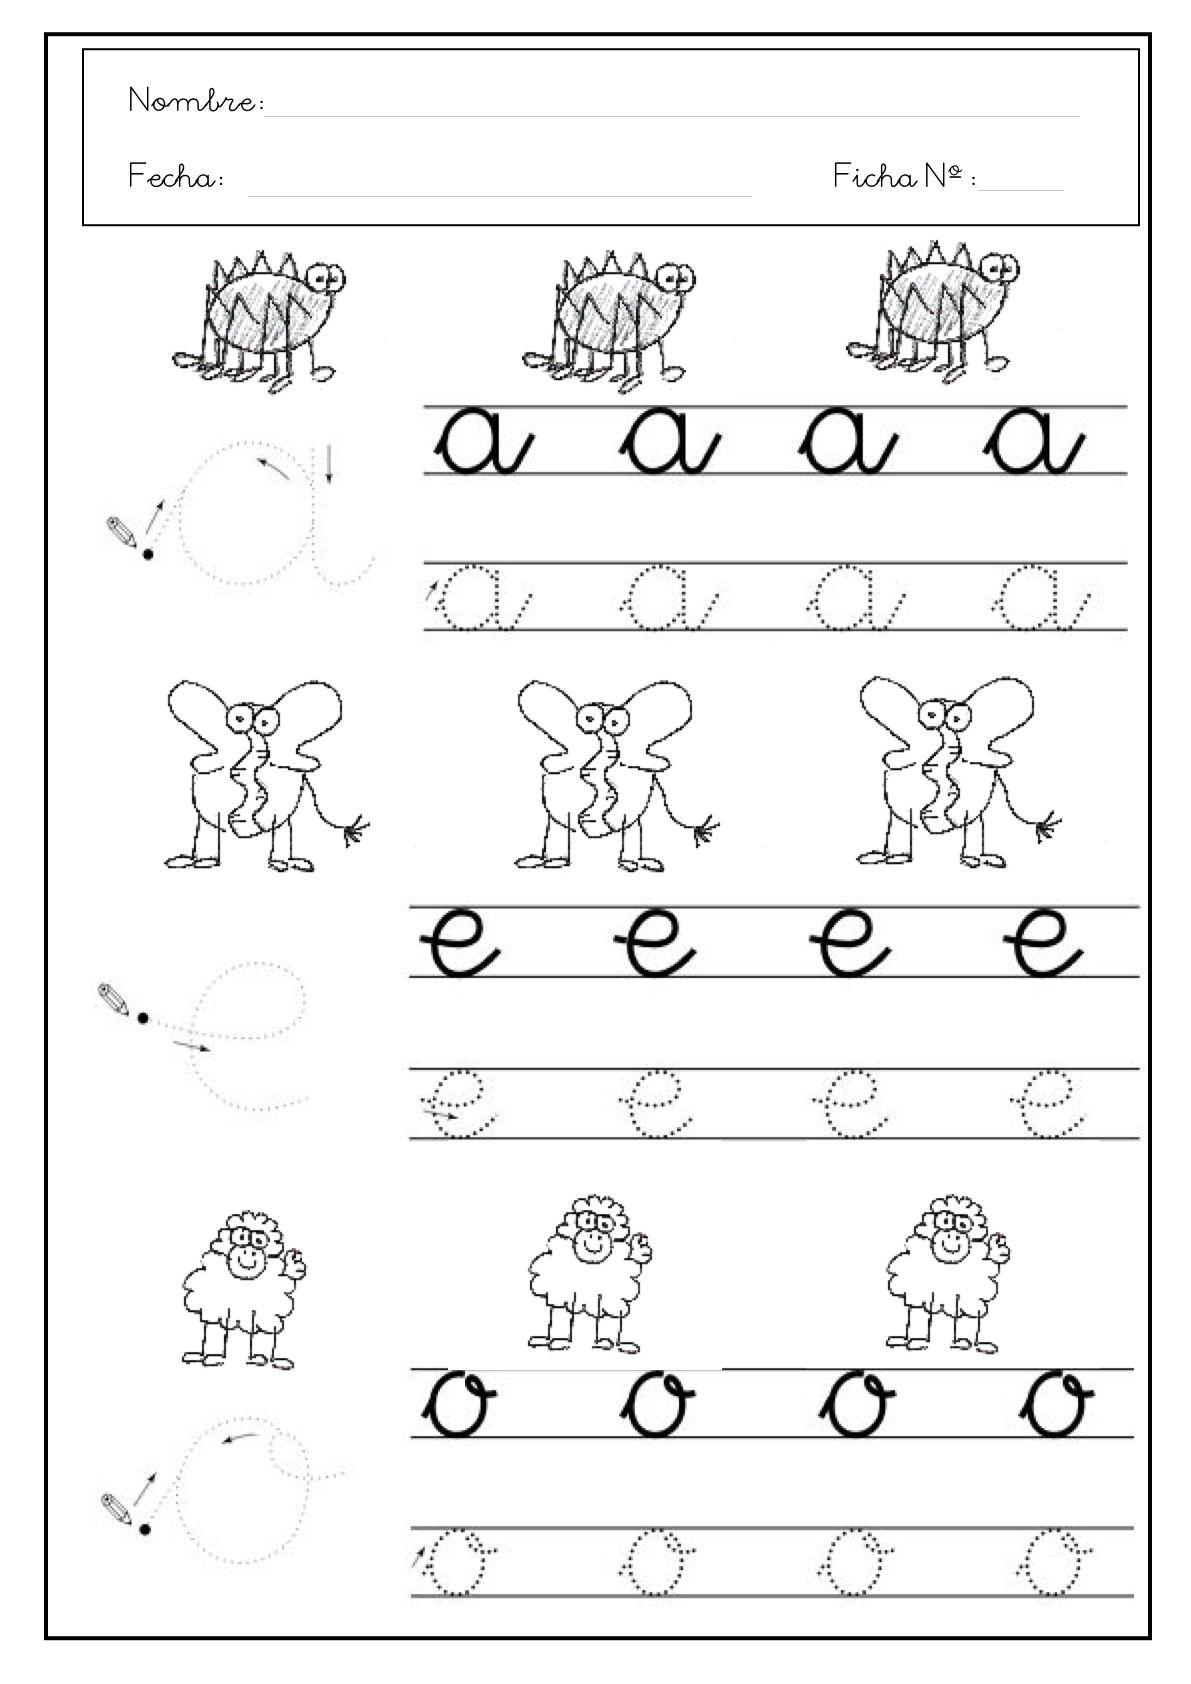 Resultado de imagen de fichas letra a minuscula | Aprender ...